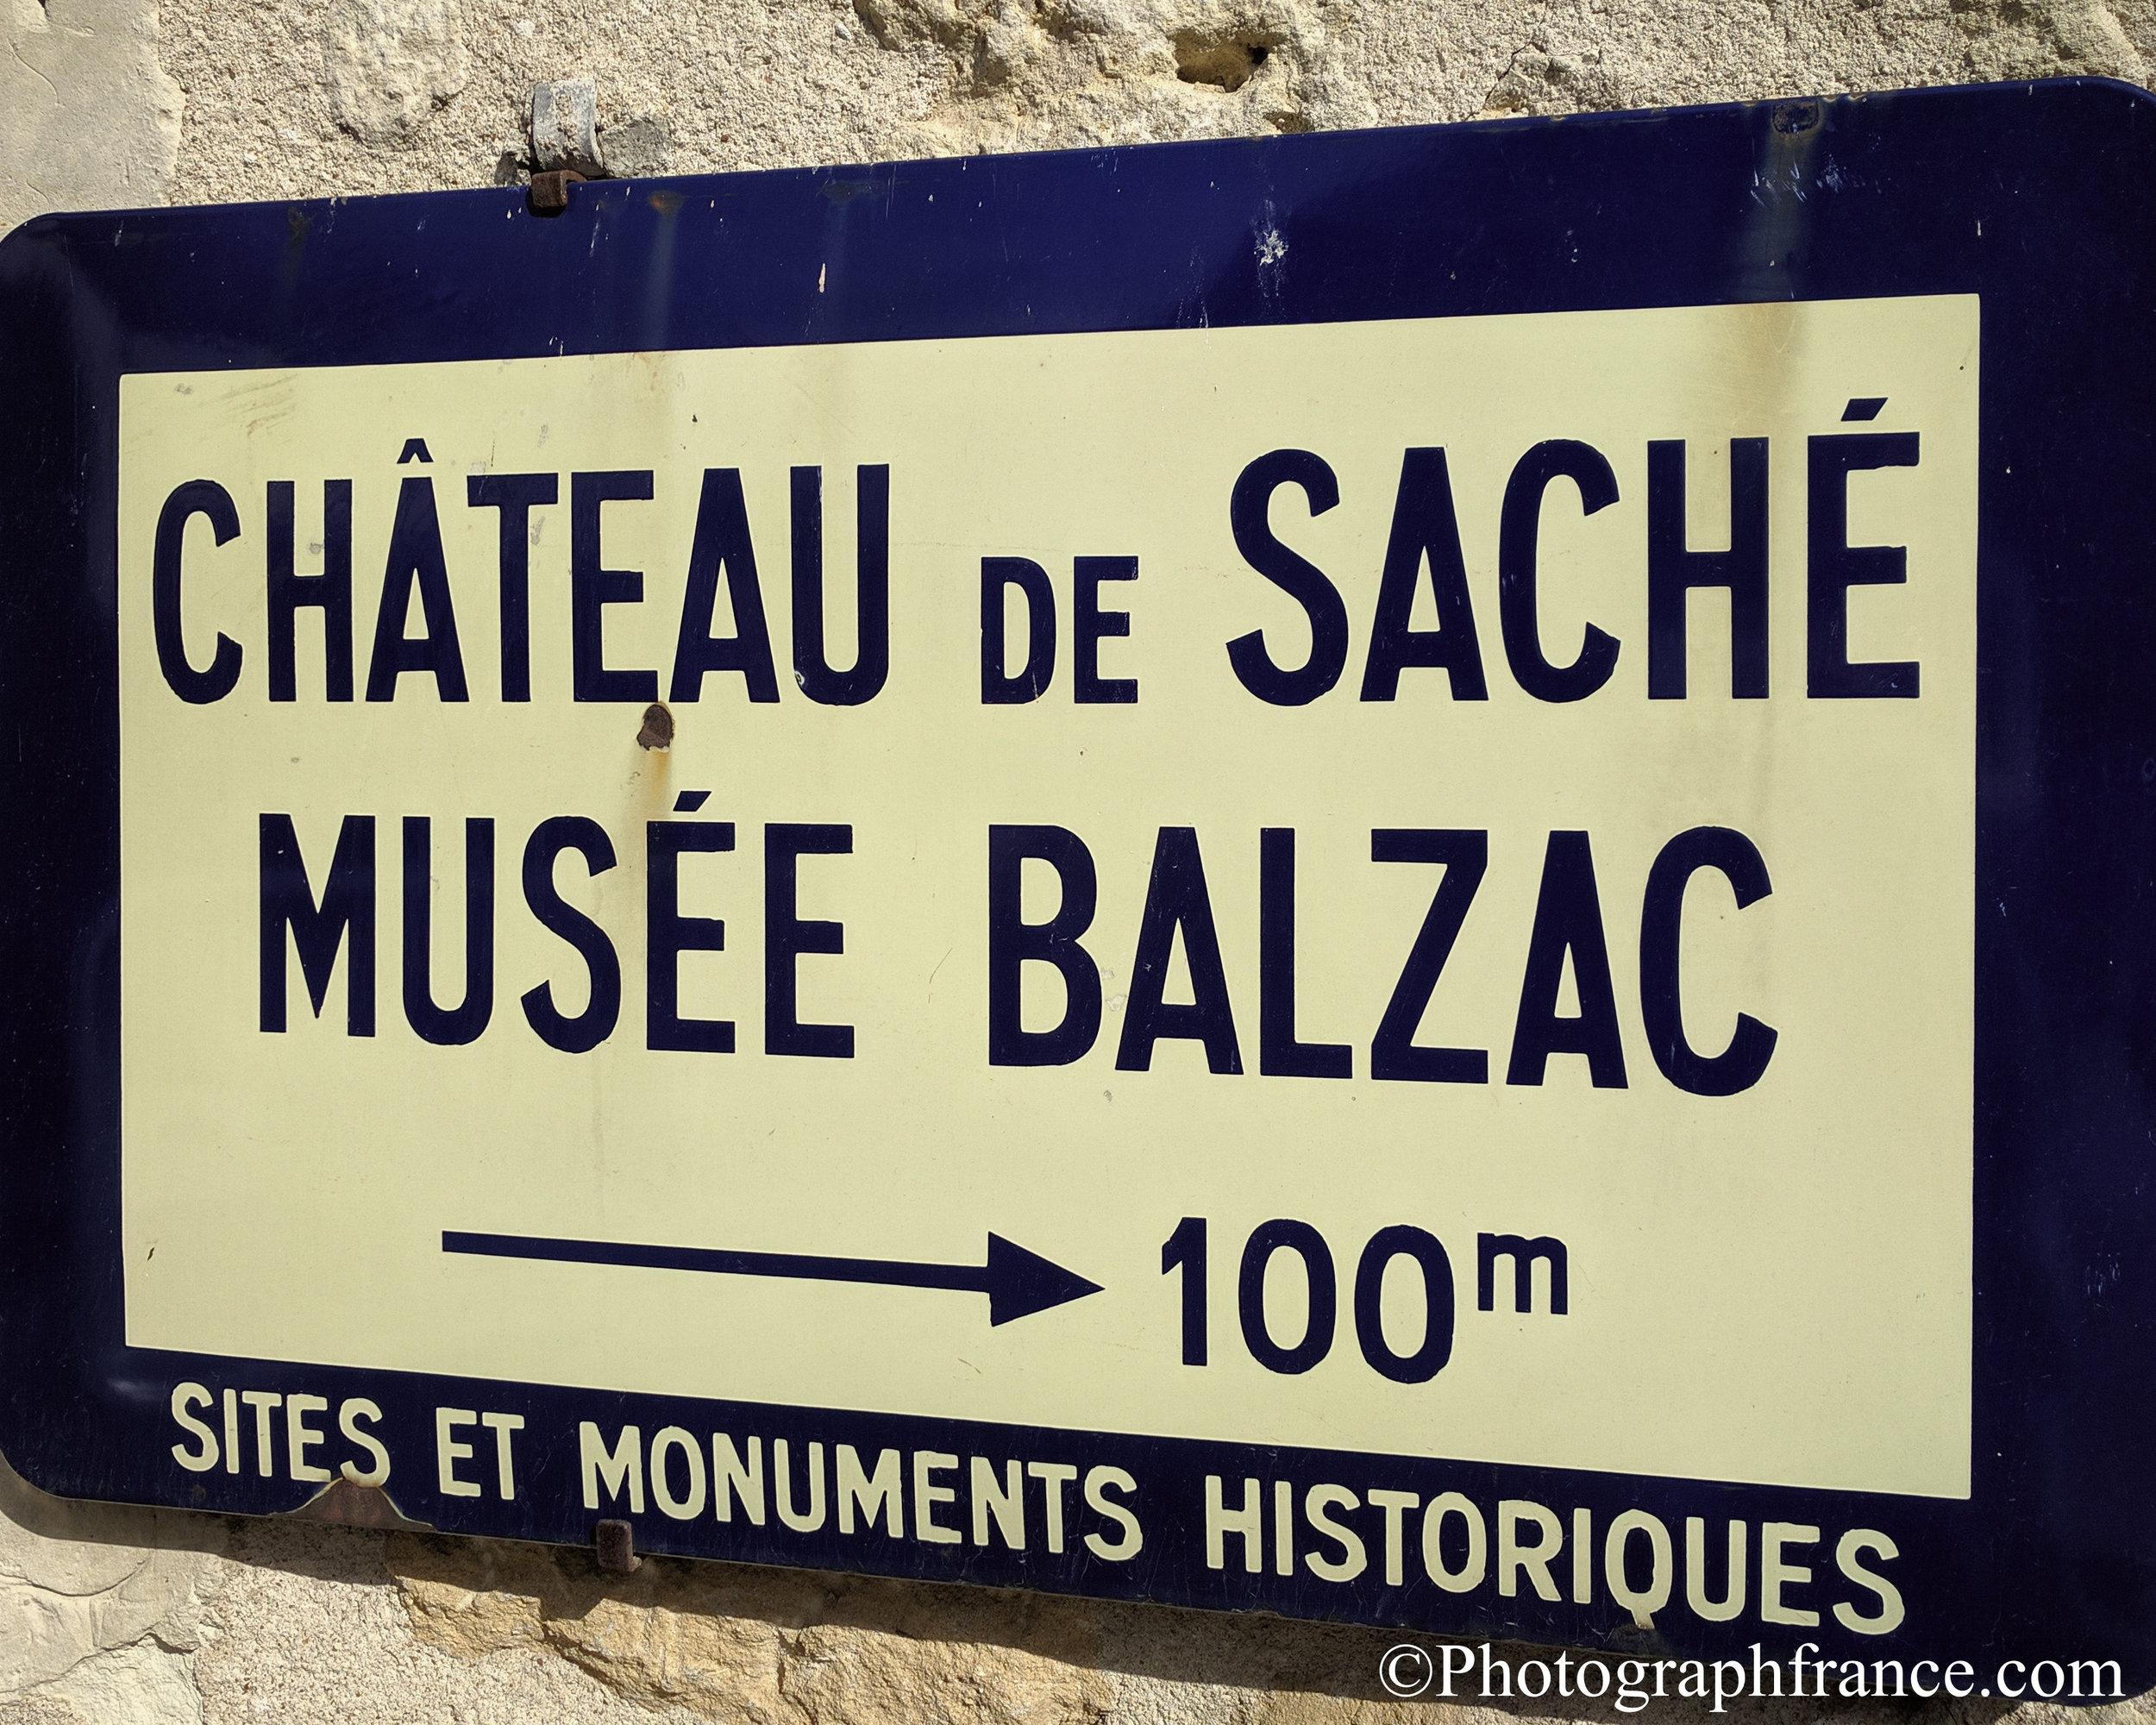 Sache (1).jpg